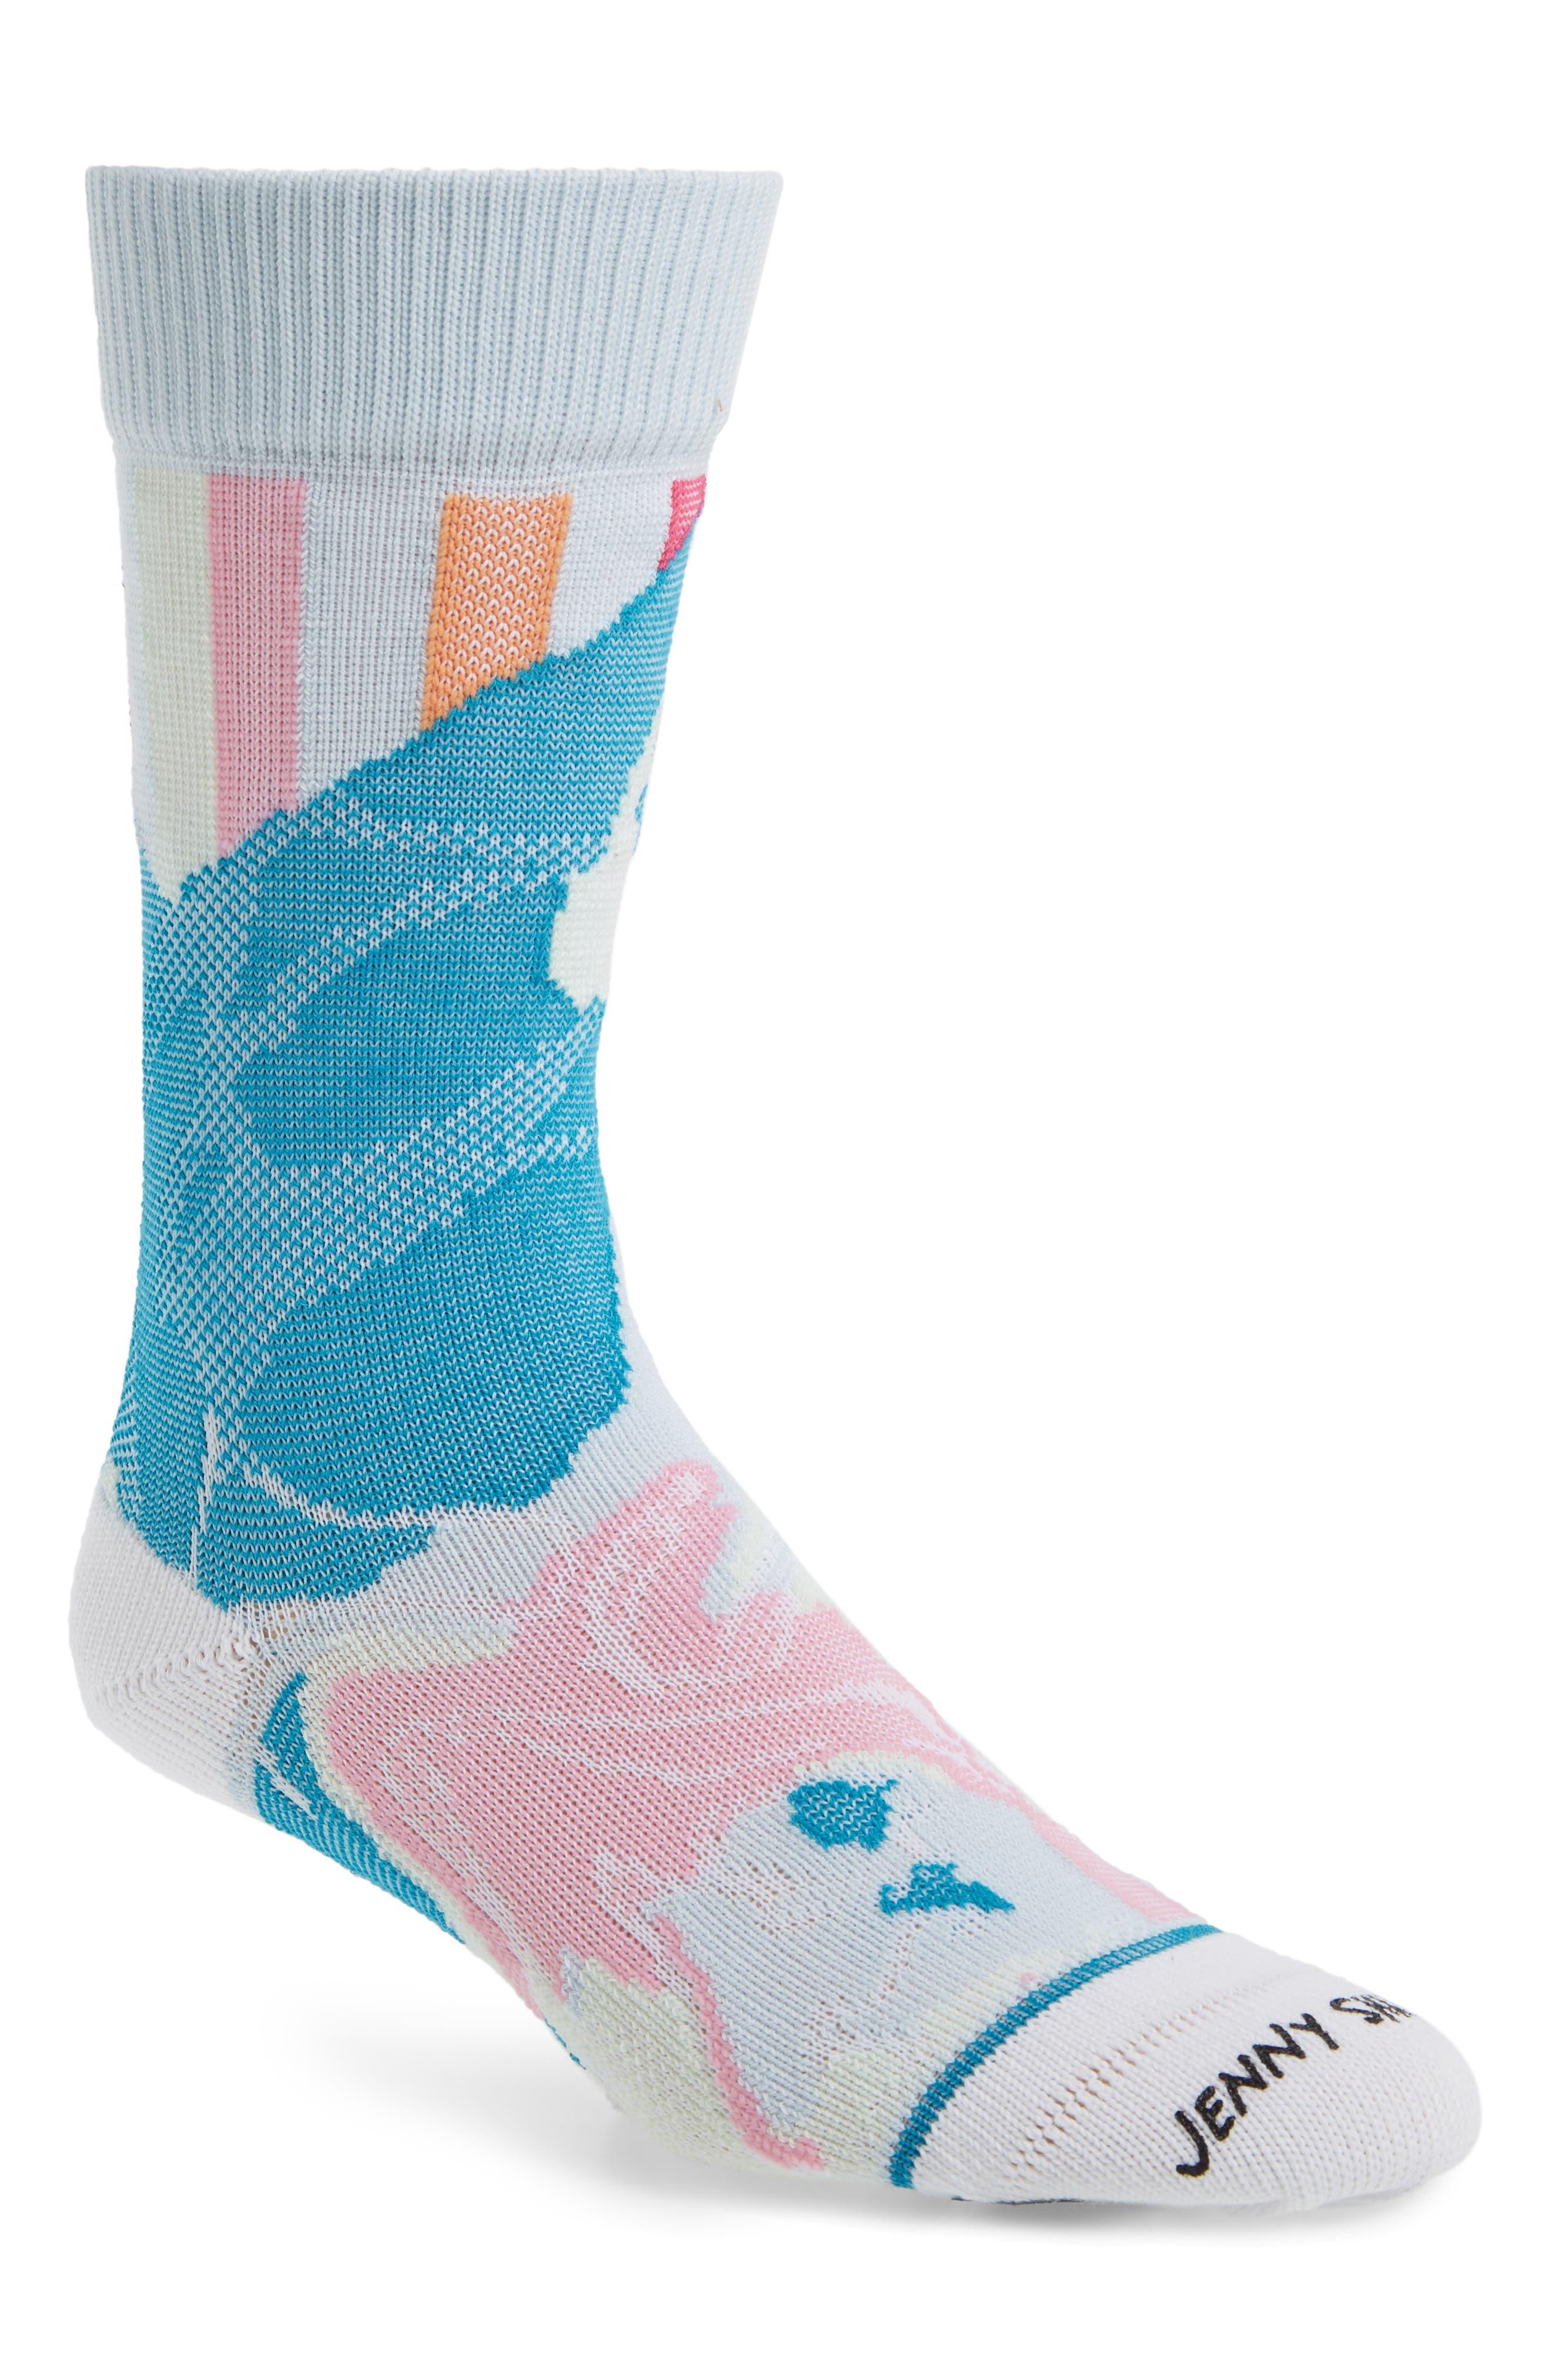 STANCE Spilled Color Crew Socks, Main, color, BLUE